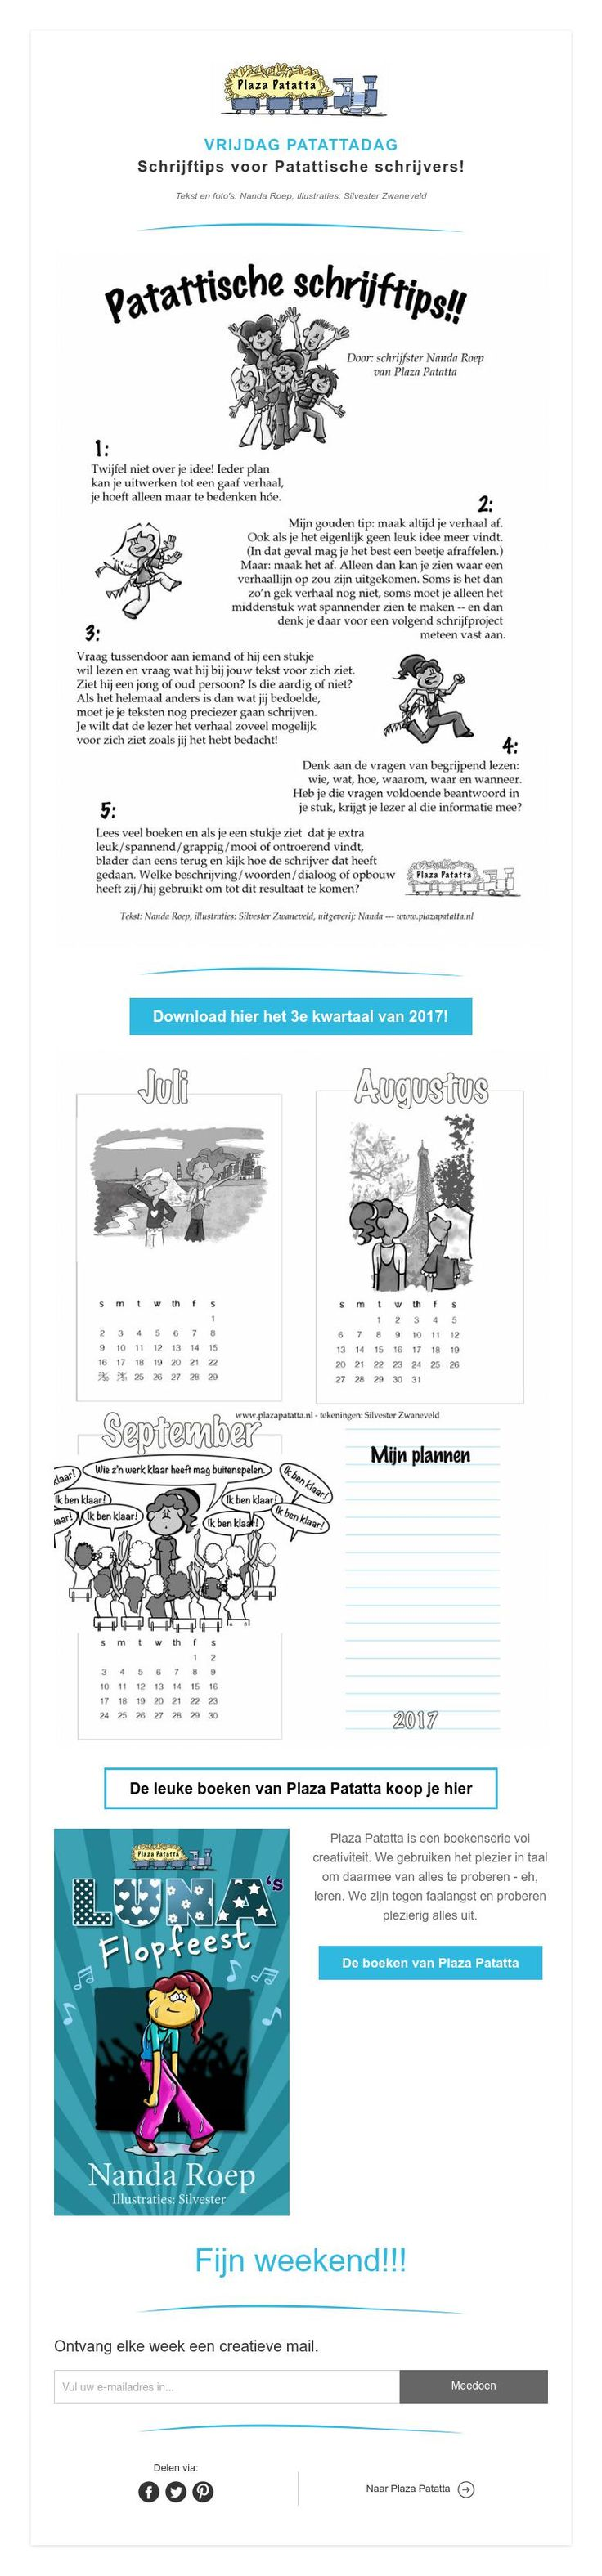 VRIJDAG PATATTADAG Vrijdag Patattadag geeft je #schrijftips: https://www.plazapatatta.com/so/aLpM4S91 #kinderboeken #lezen #zomer